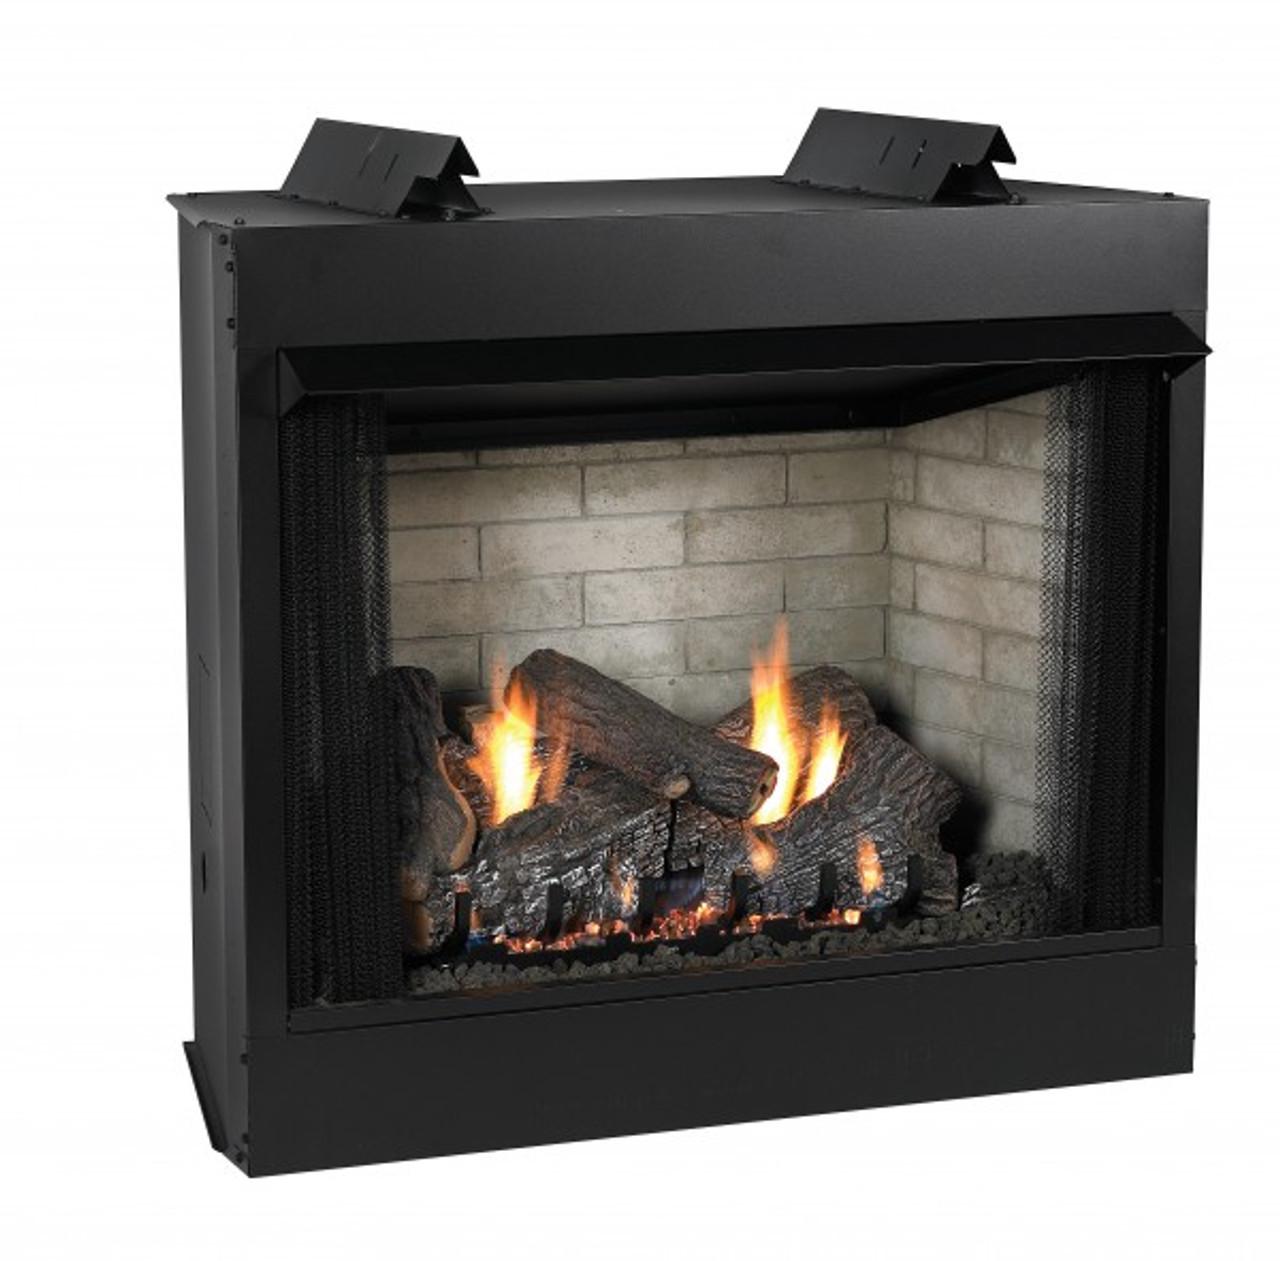 Empire Breckenridge Vent-Free Firebox Deluxe 32 - Vent-Free Firebox Deluxe 32 (includes Black Hood) - VFD32FB0